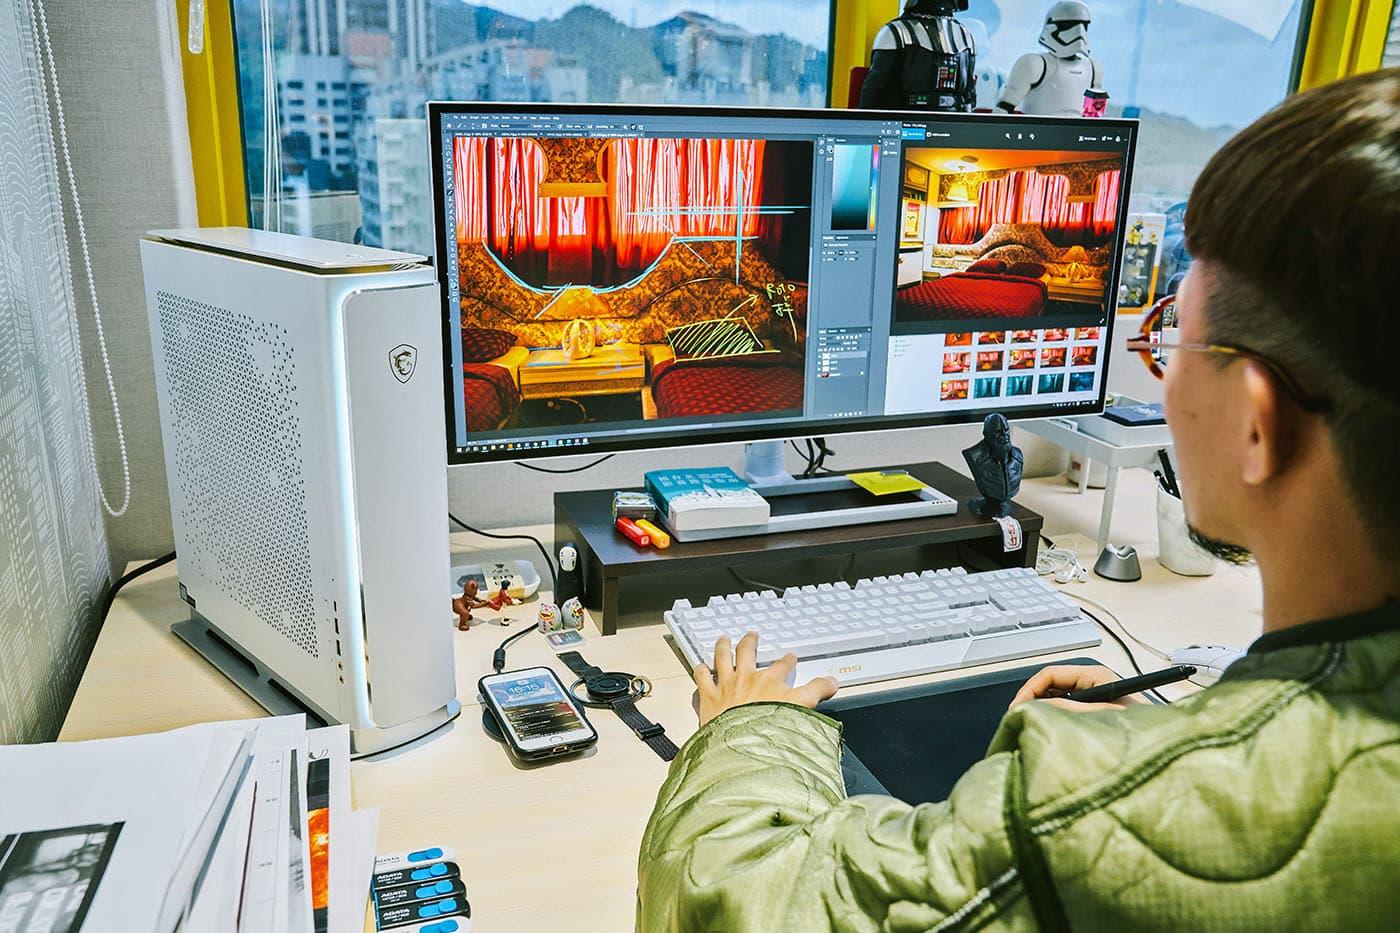 PS314WU 的超高解析度與超寬螢幕�計能滿足�憲聰在工作時同時開啟應用工具與參考素材的需求,大大降低反覆切換畫面的麻煩。